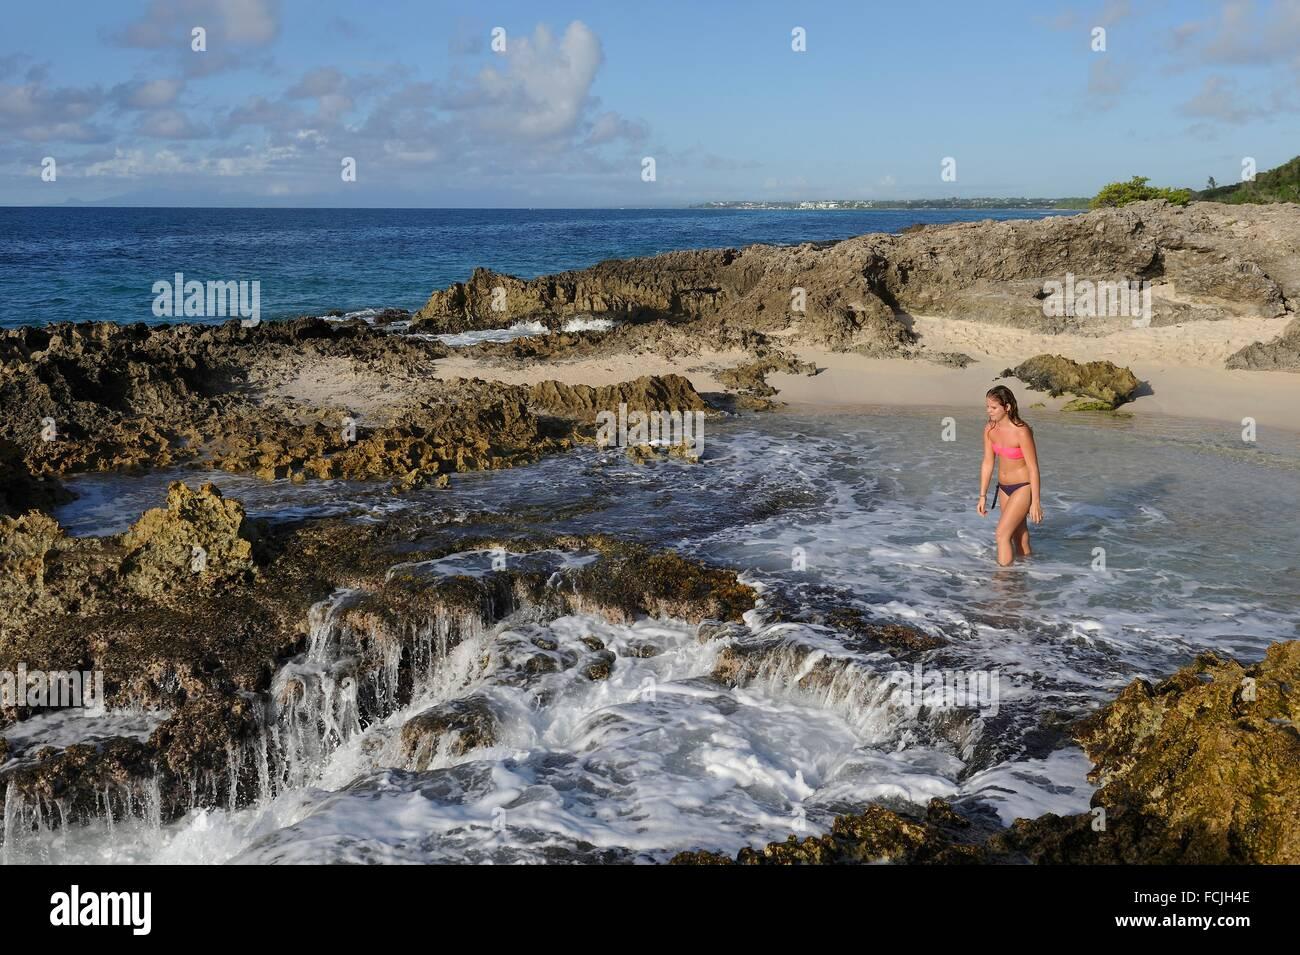 Plage de la Pointe des Châteaux, Grande-Terre, Guadeloupe, région d'outre-mer de la France, Vent Îles, Petites Antilles, Caraïbes. Banque D'Images